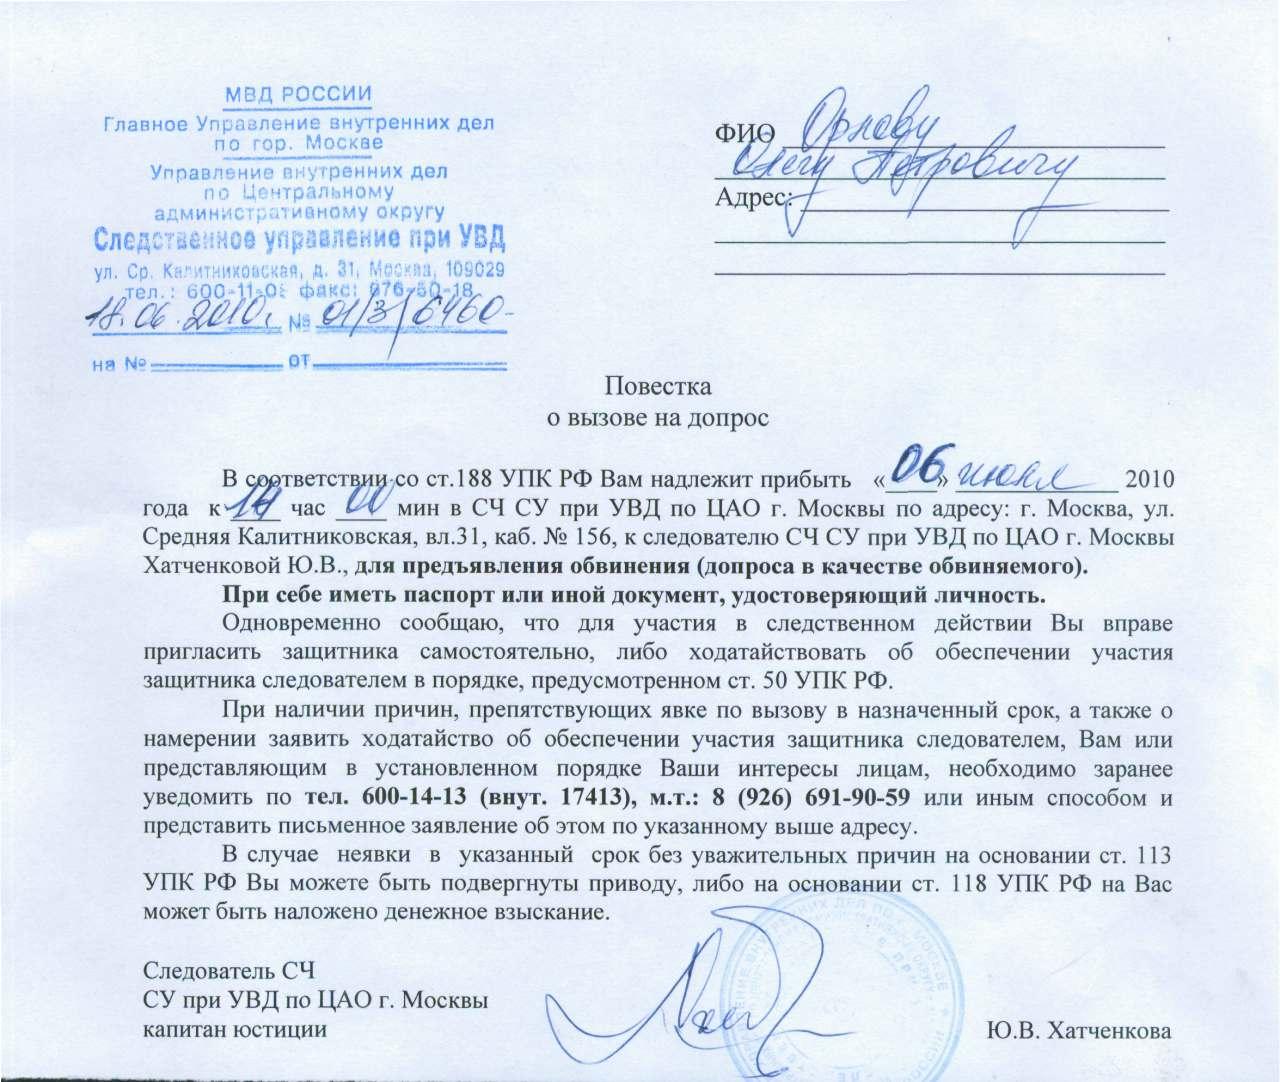 потерпевшего могут доставить в суд в принудительном порядке Коломны Новости